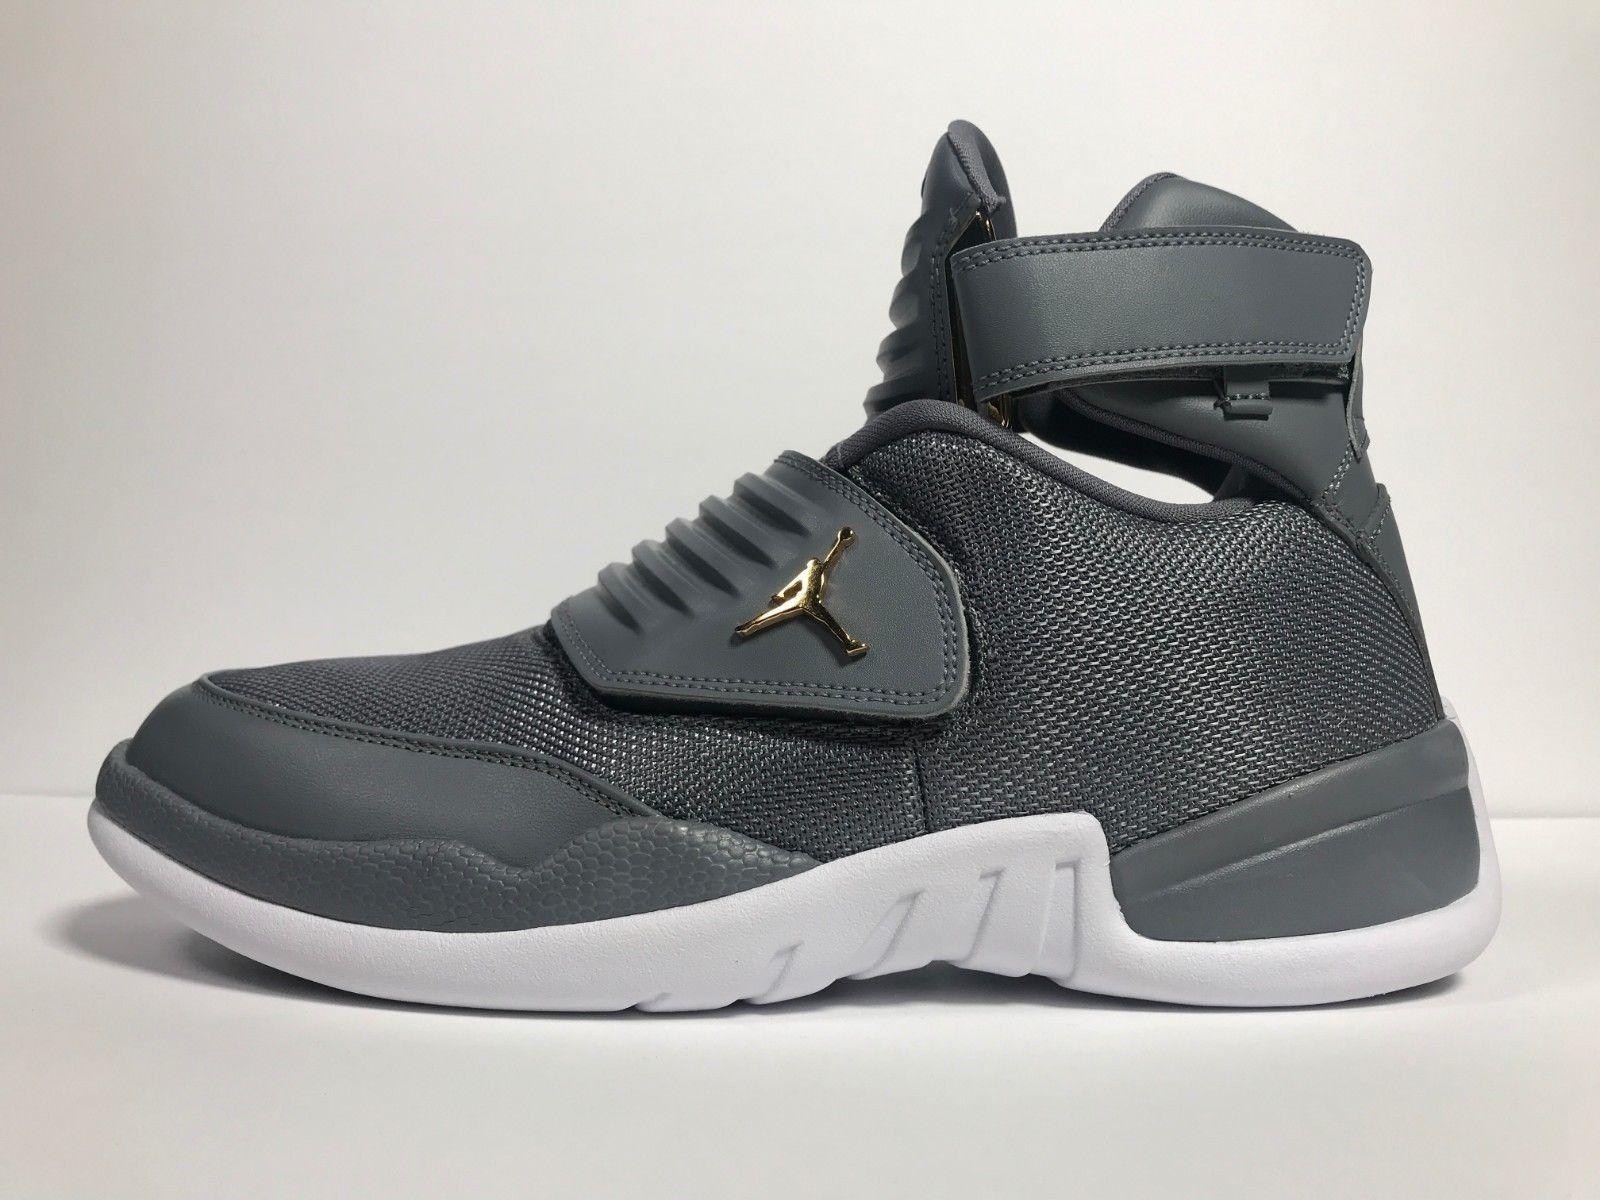 Nike Air Jordan Generation 23 Mens Basketball shoes Cool Grey White Metallic gold